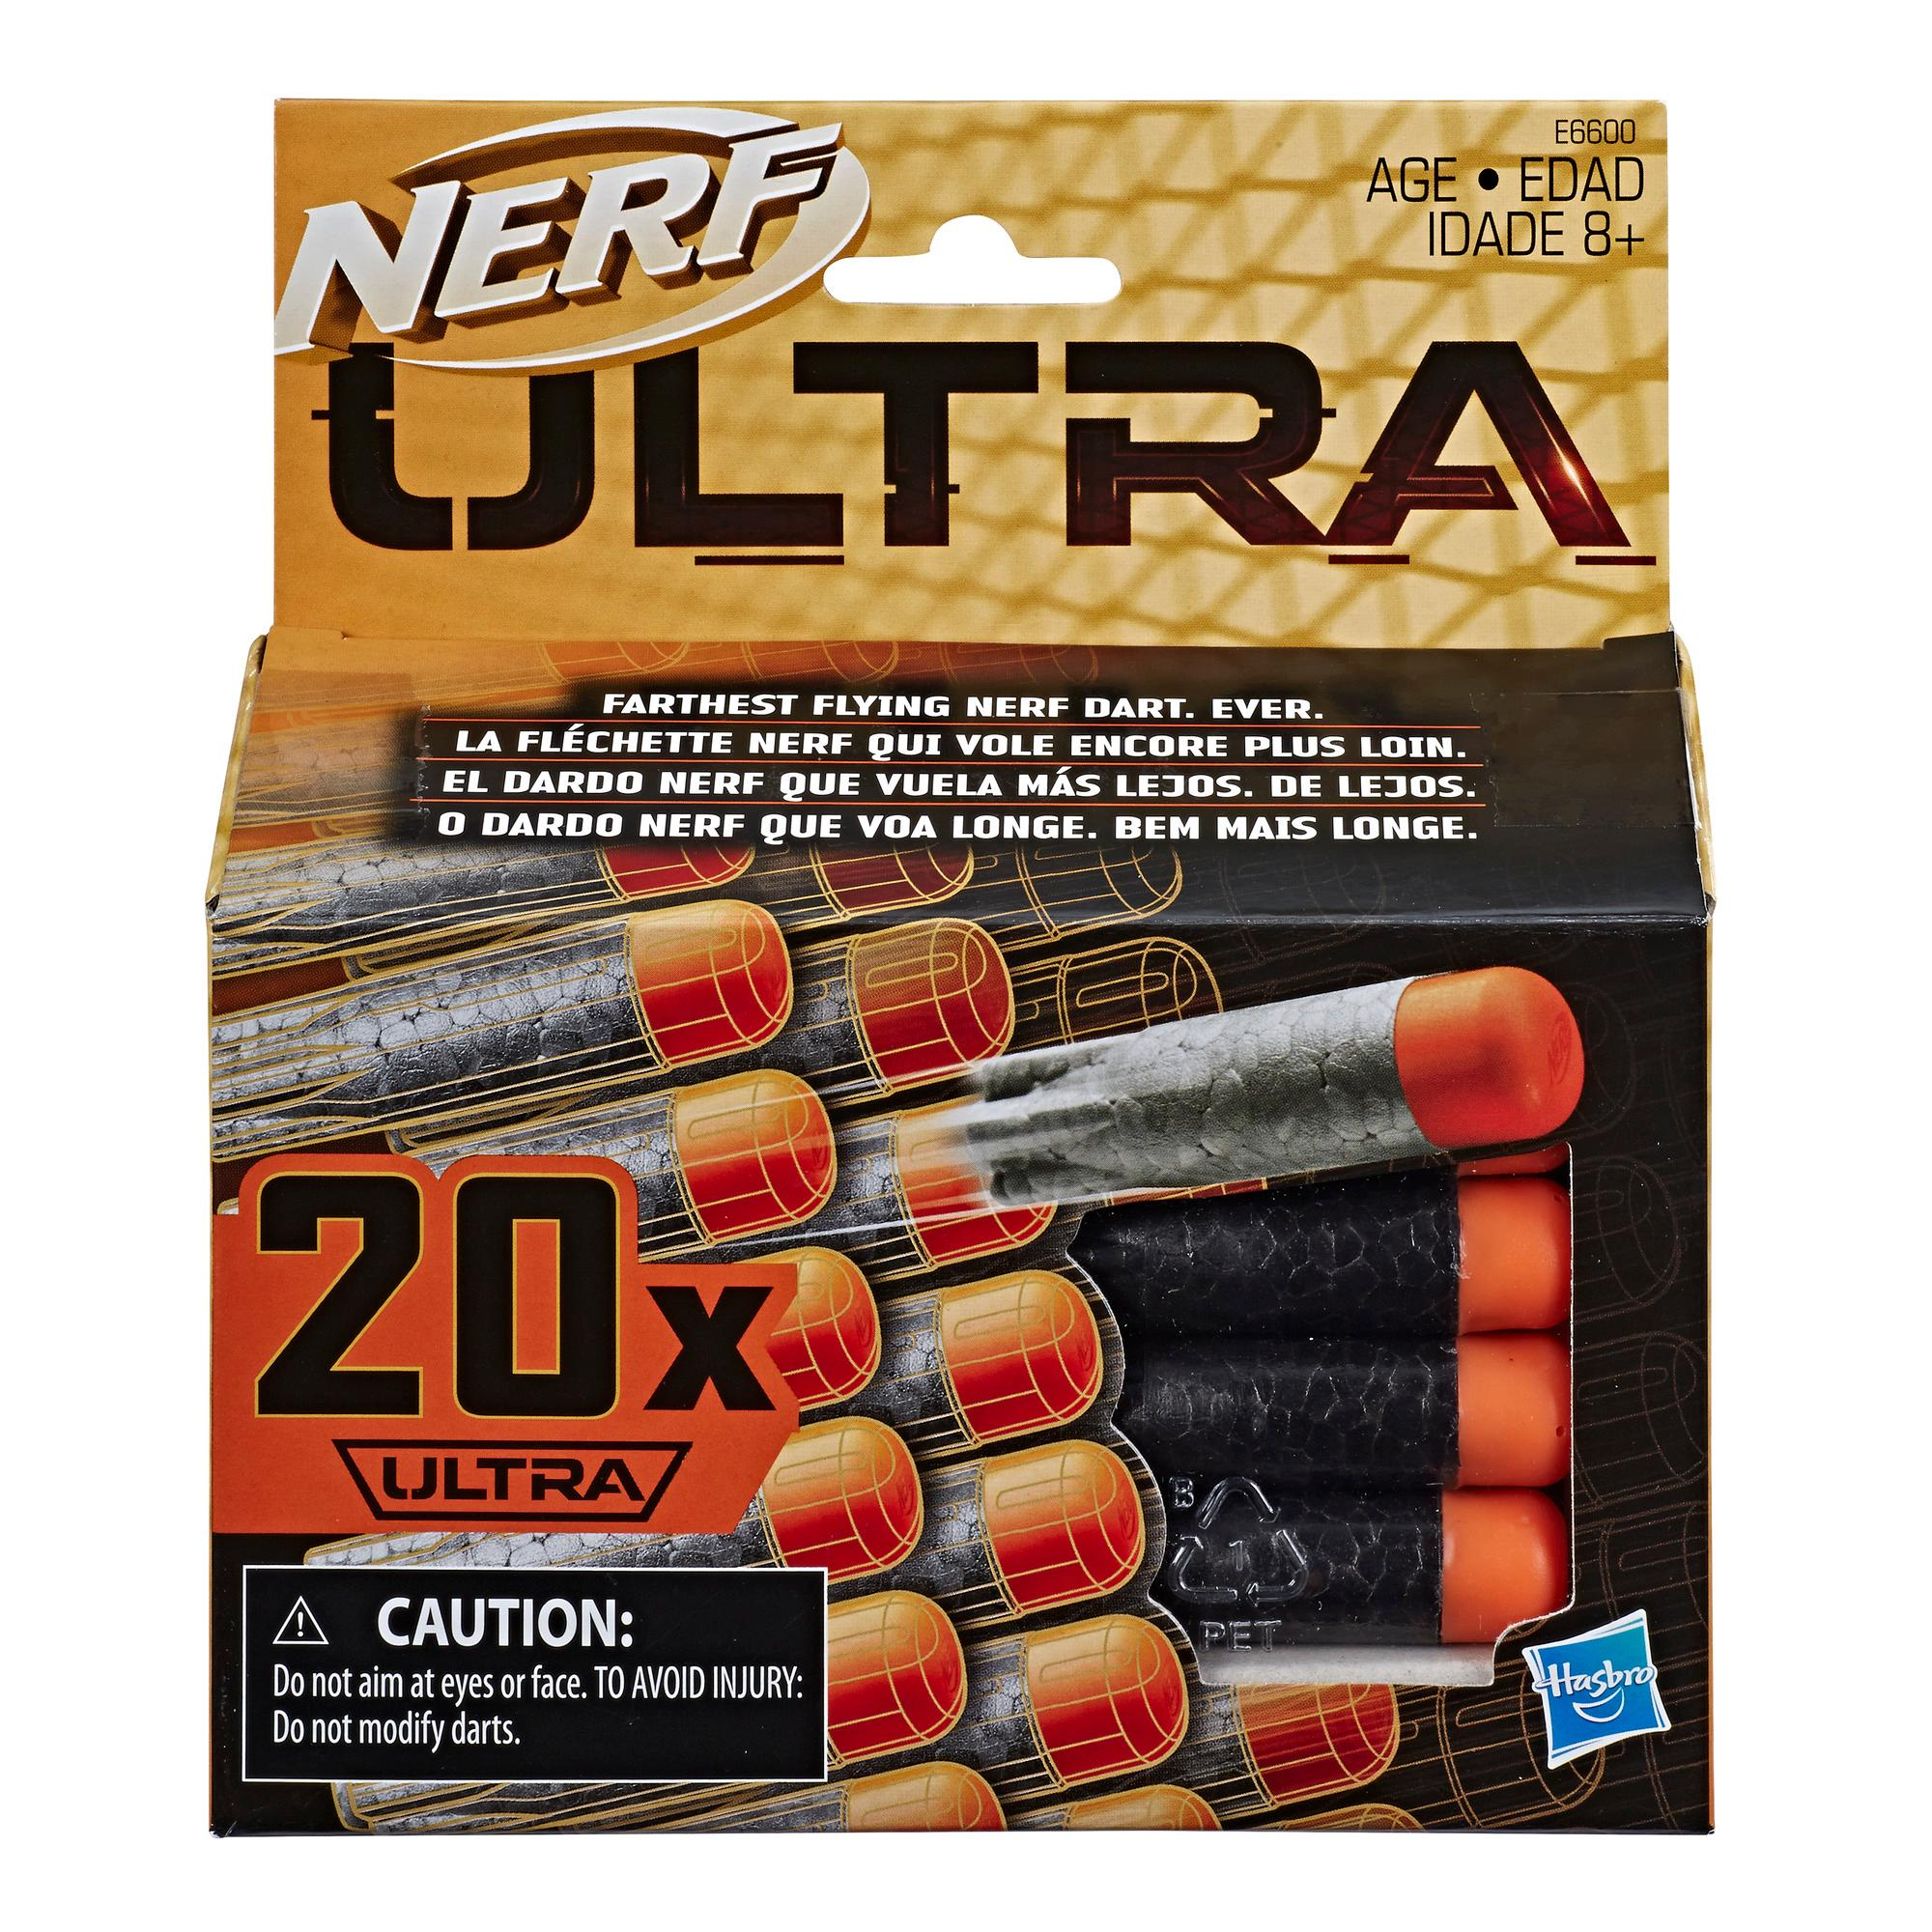 Nerf Ultra One Pack de 20 dardos de repuesto -- Los dardos Nerf que vuelan más lejos -- Solo compatibles con los lanzadores Nerf Ultra